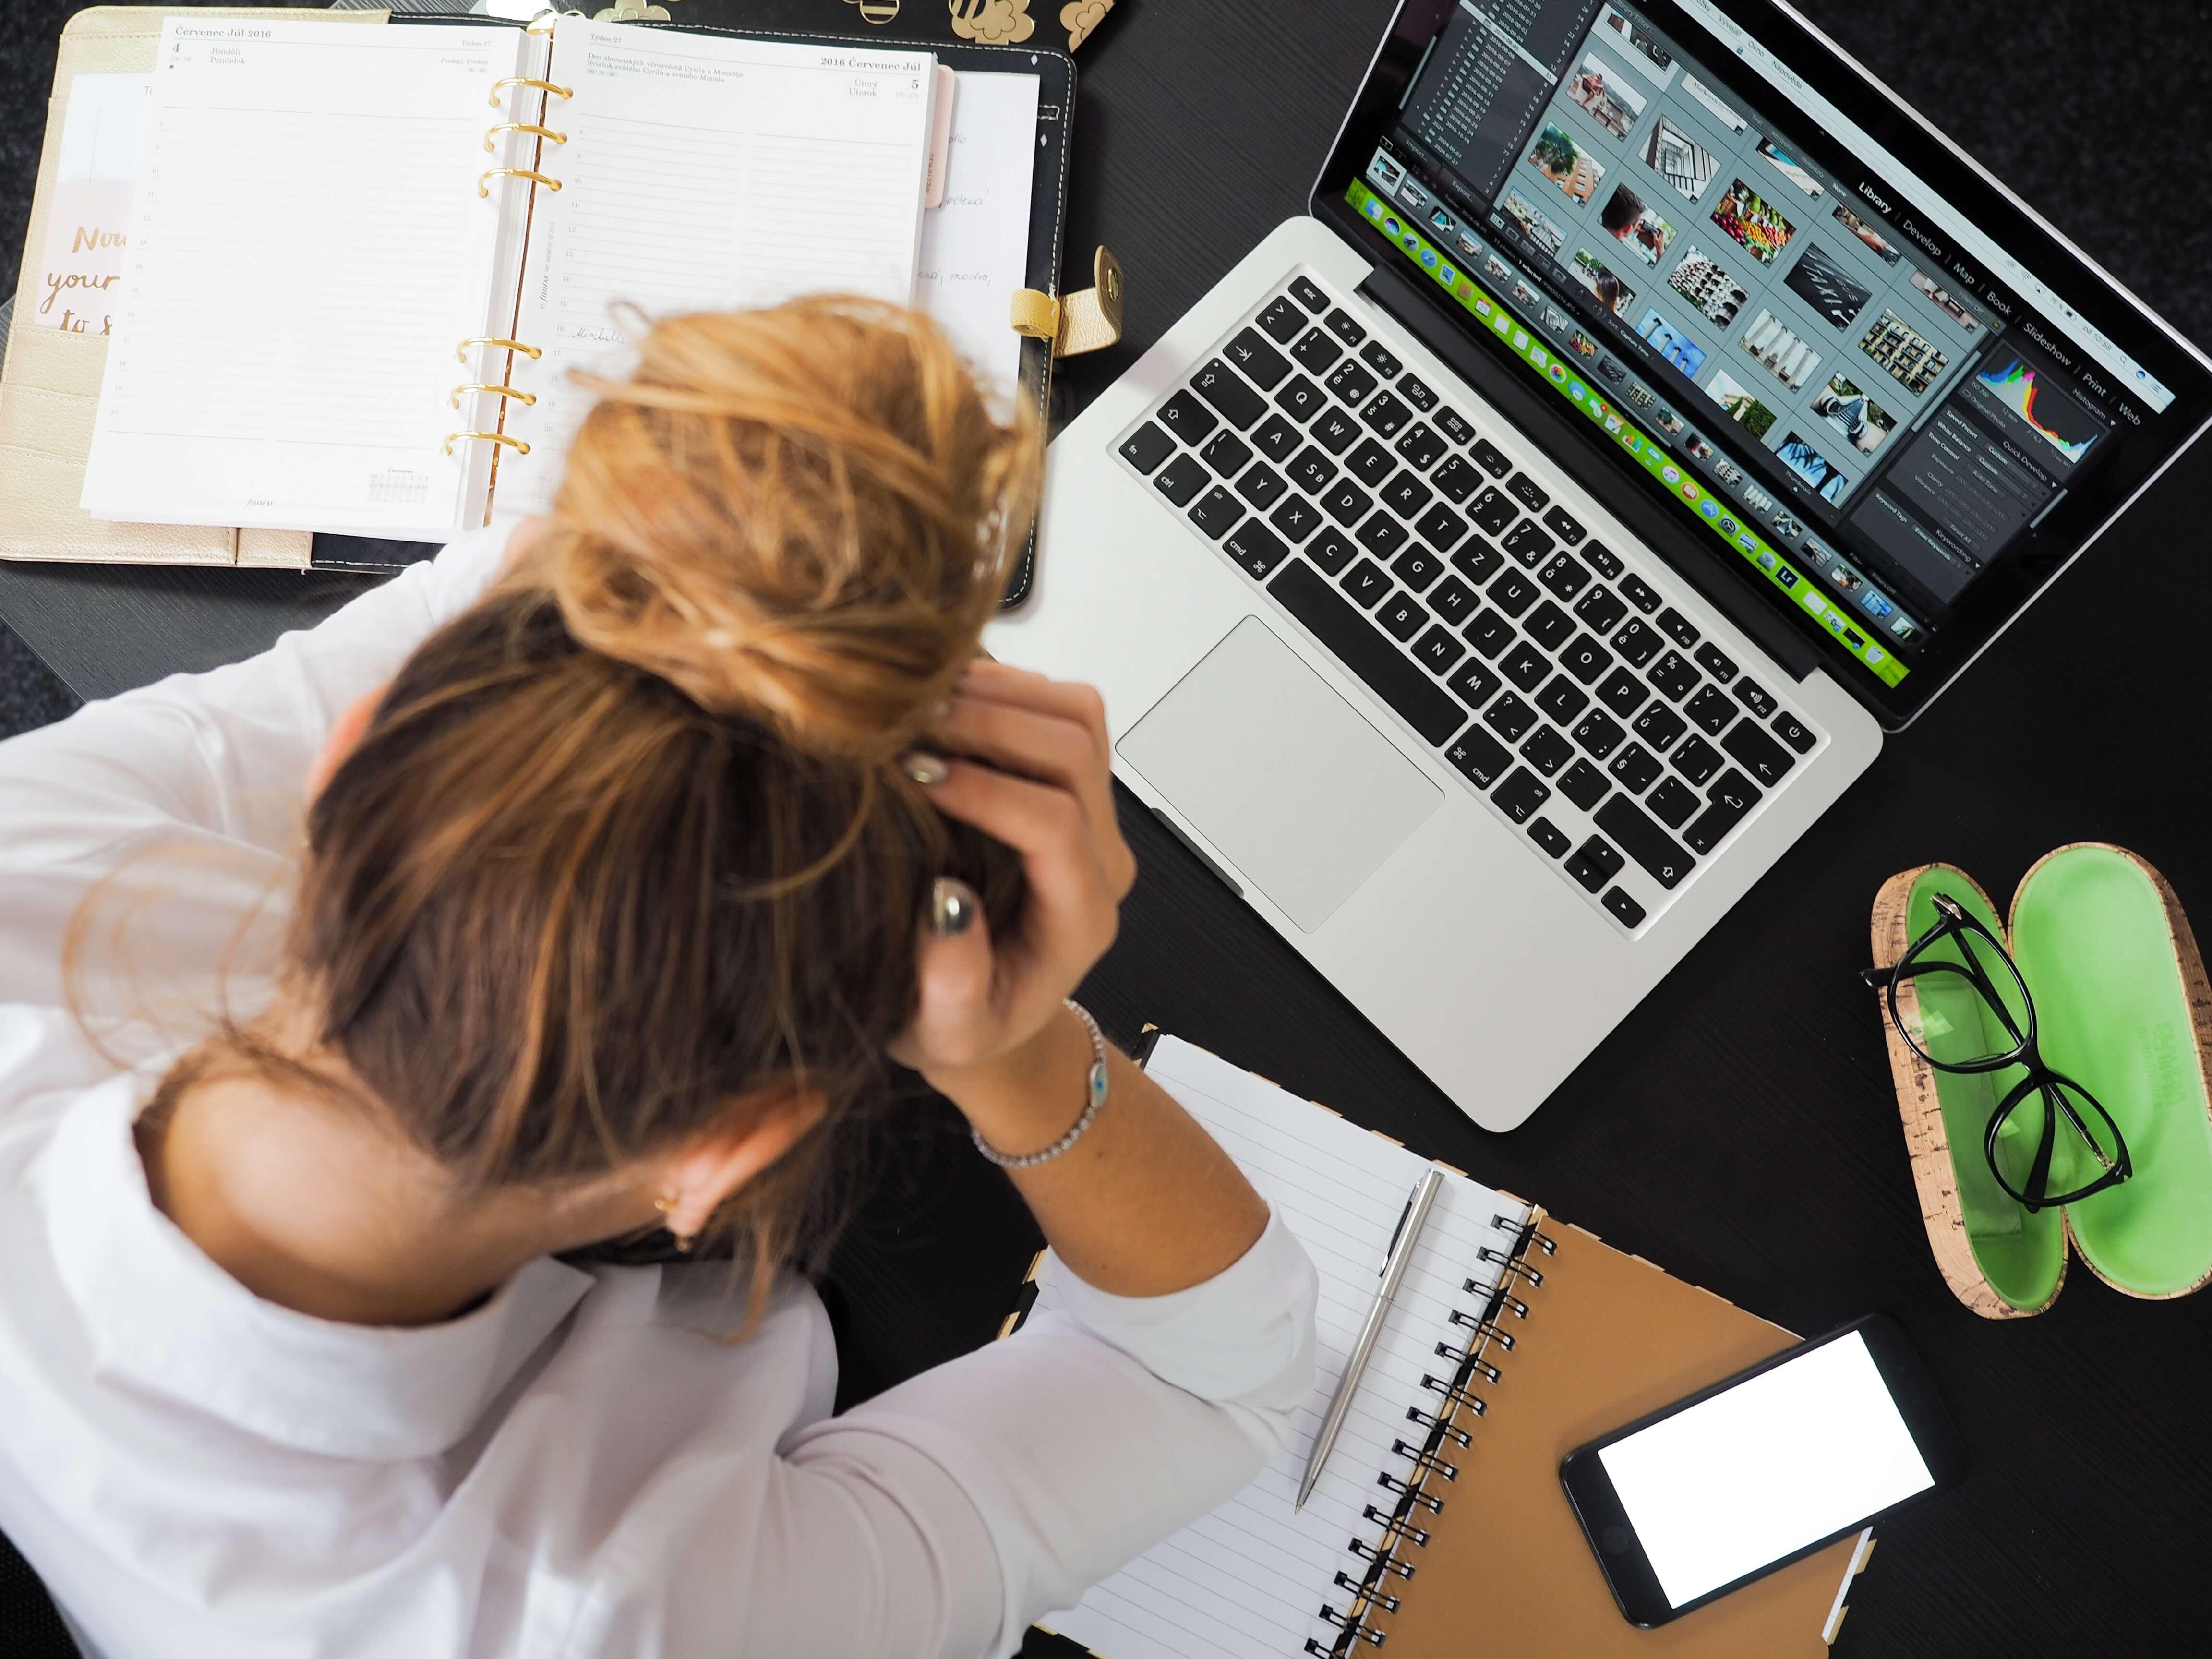 大きな失敗や挫折を経験する